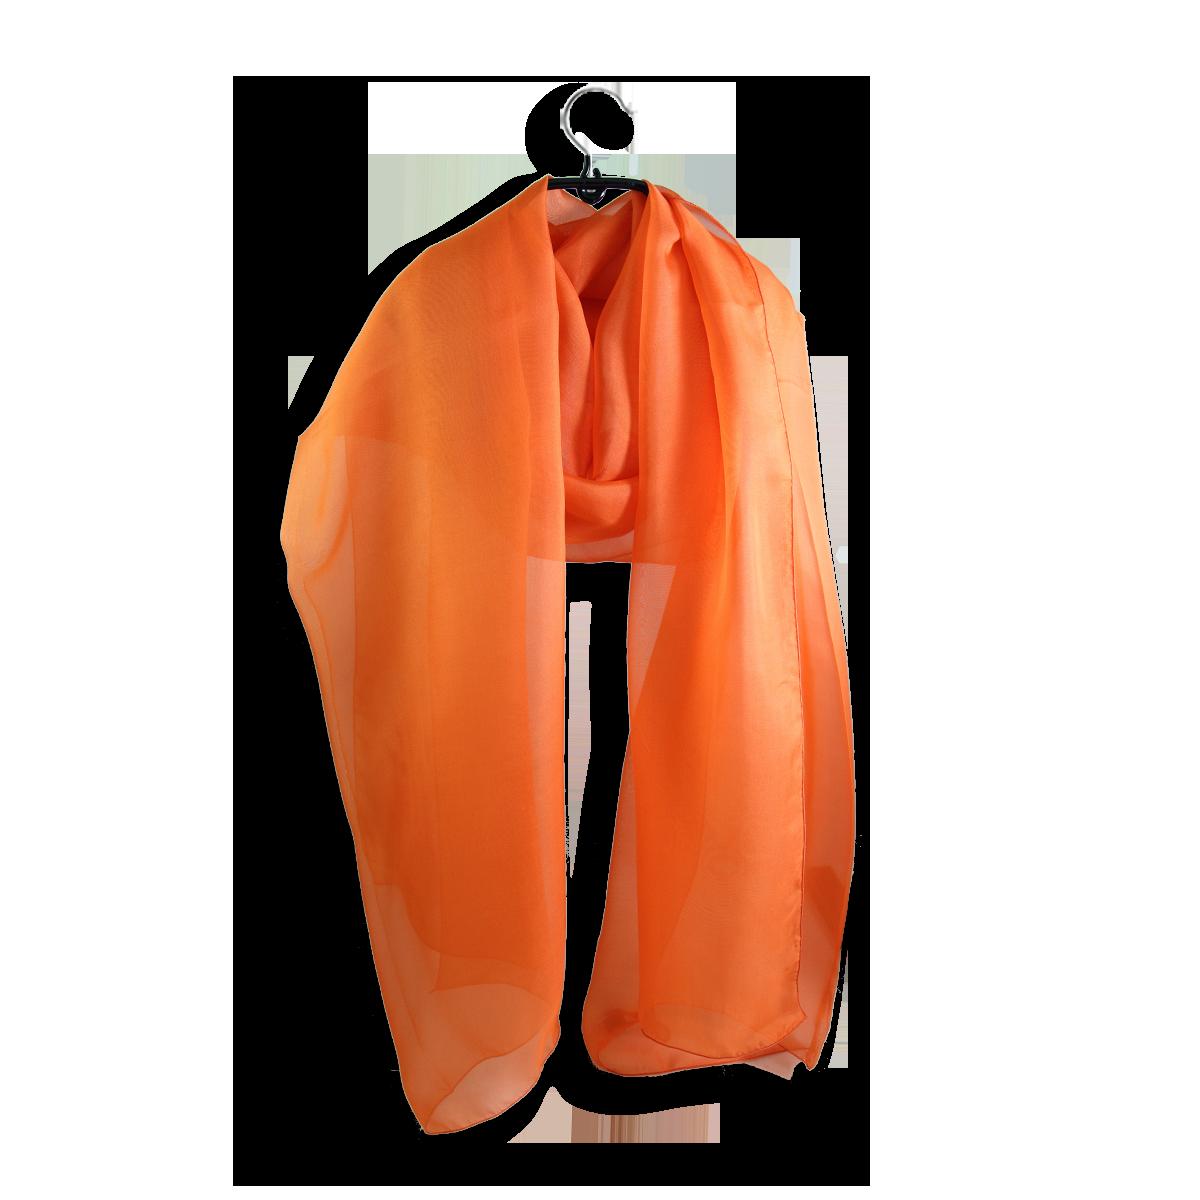 Grande étole de soirée en mousseline Orange uni - Etole femme 40a27fc3124